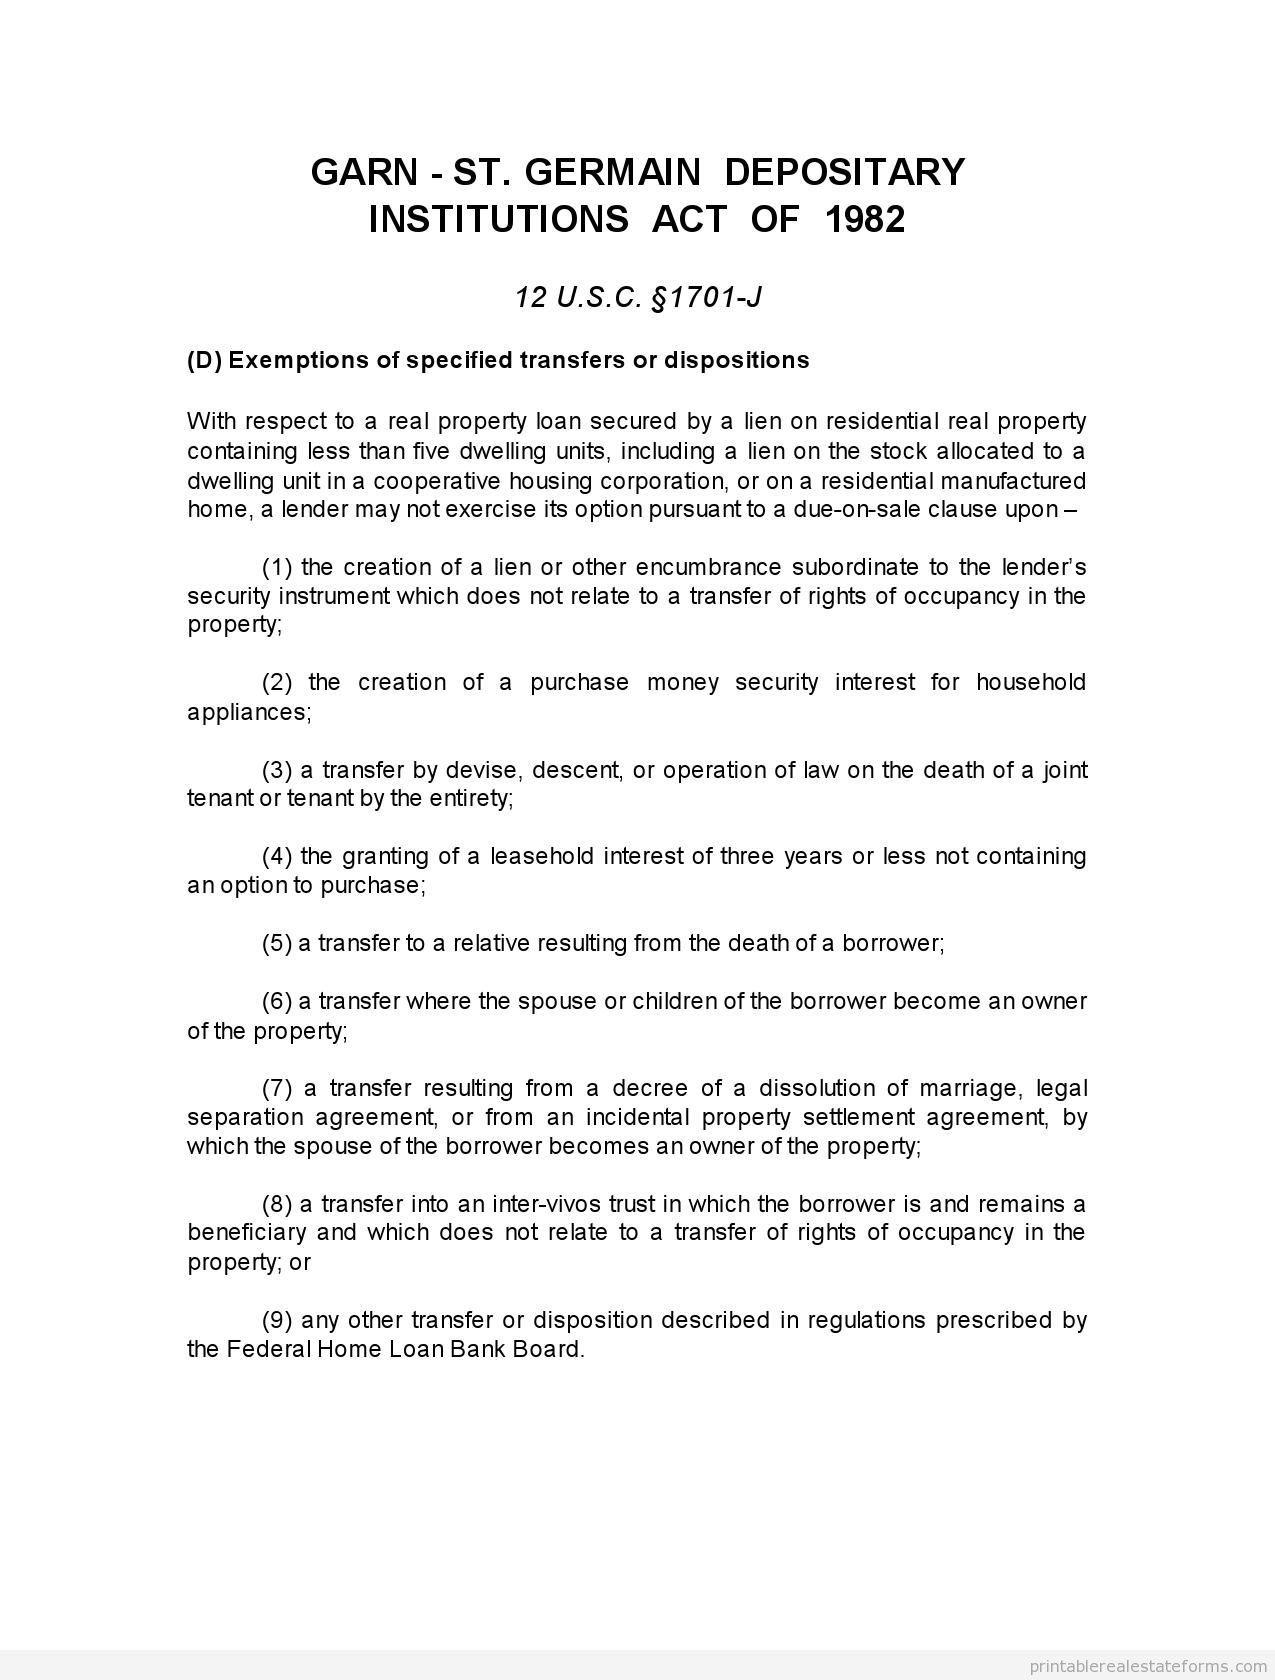 Free Printable Gann St Germain Act Form Word Template Word